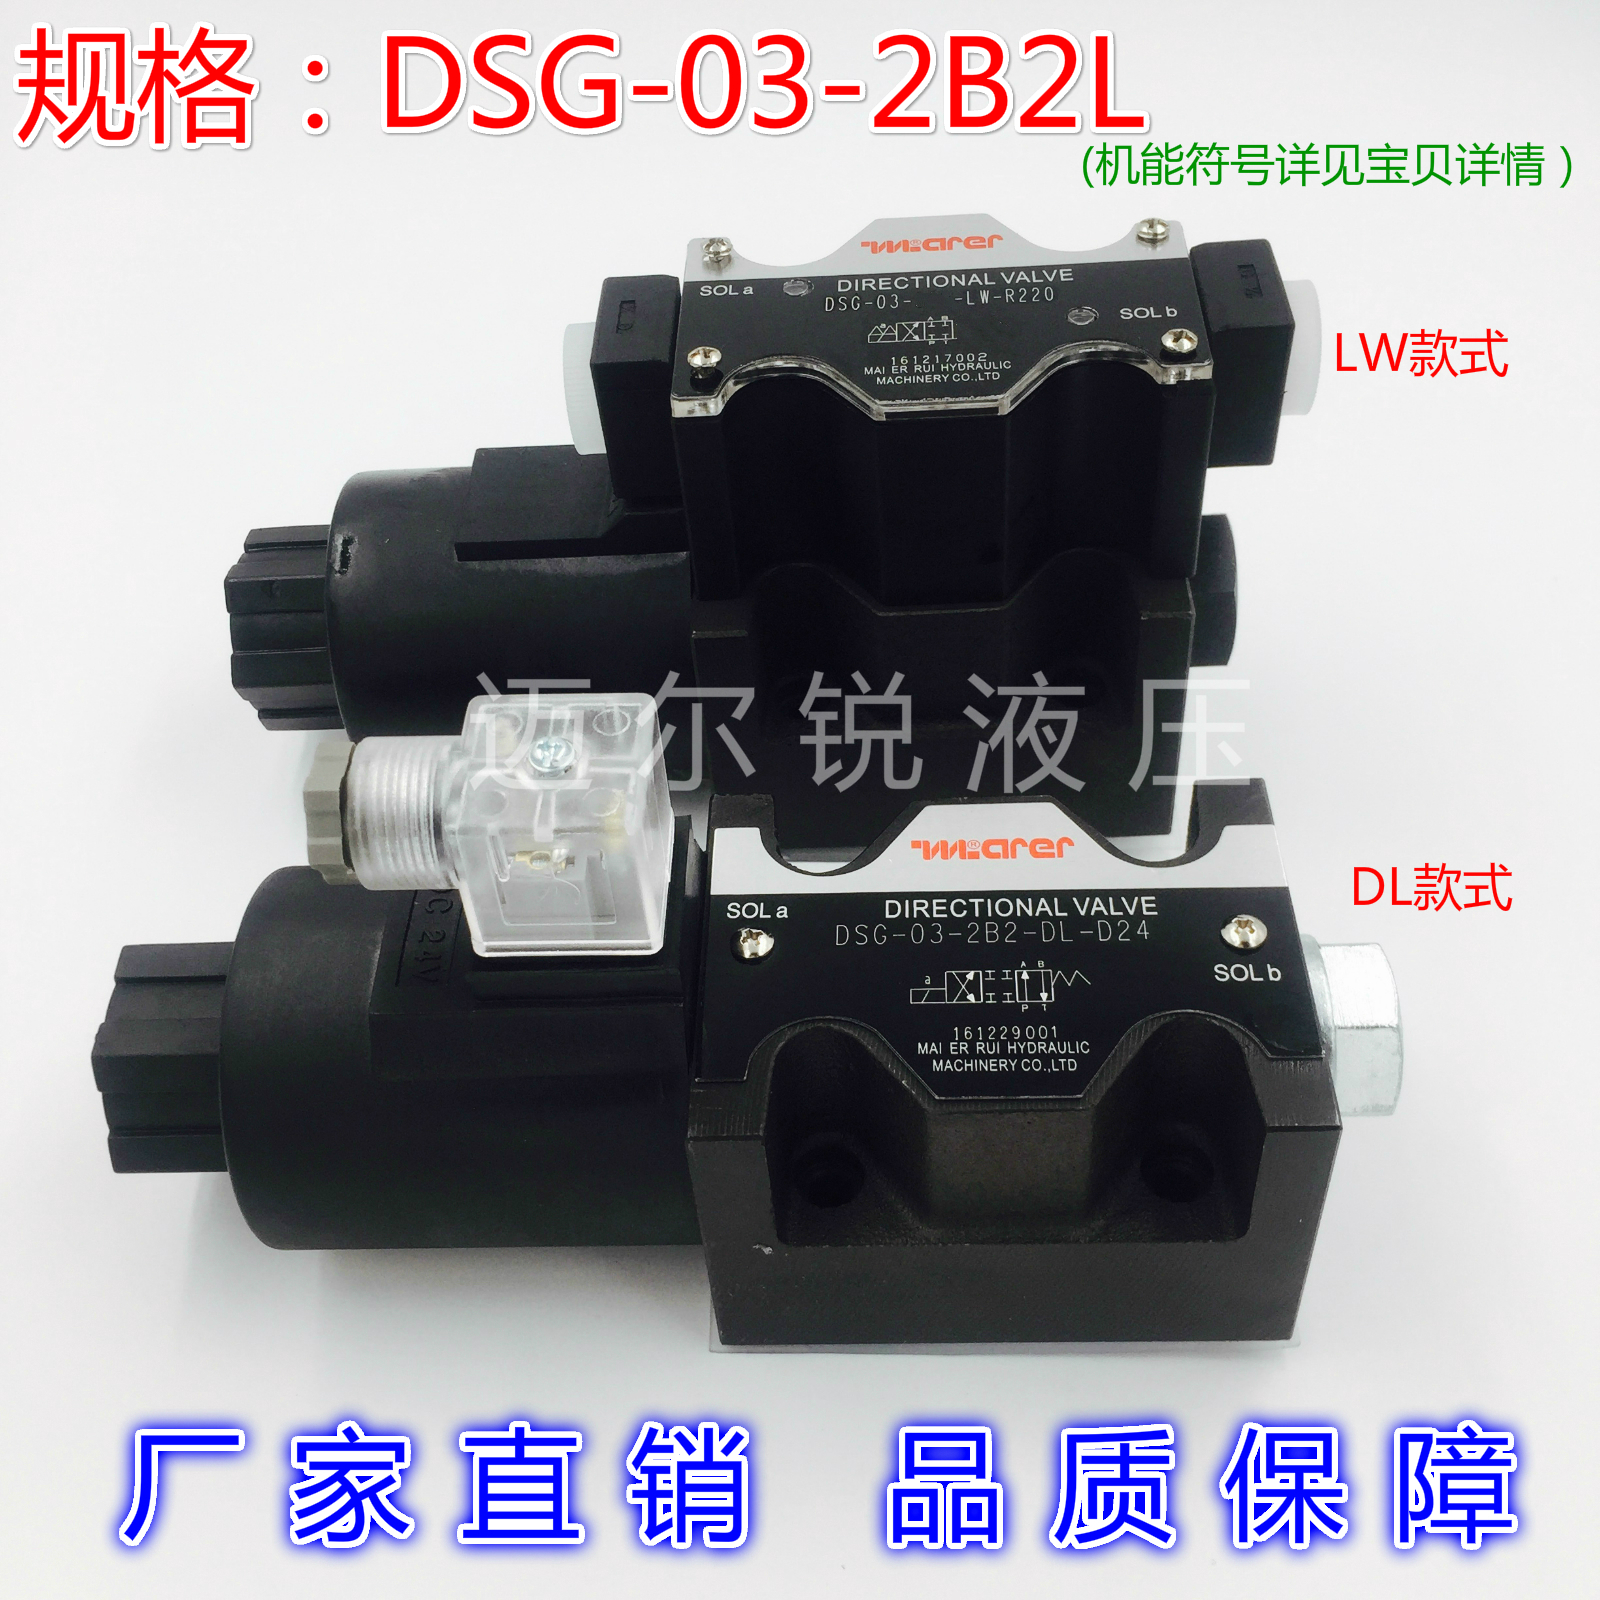 гидравлический DSG-03-2B2L-DL электромагнитный клапан клапан клапан давления масла в направлении клапанов